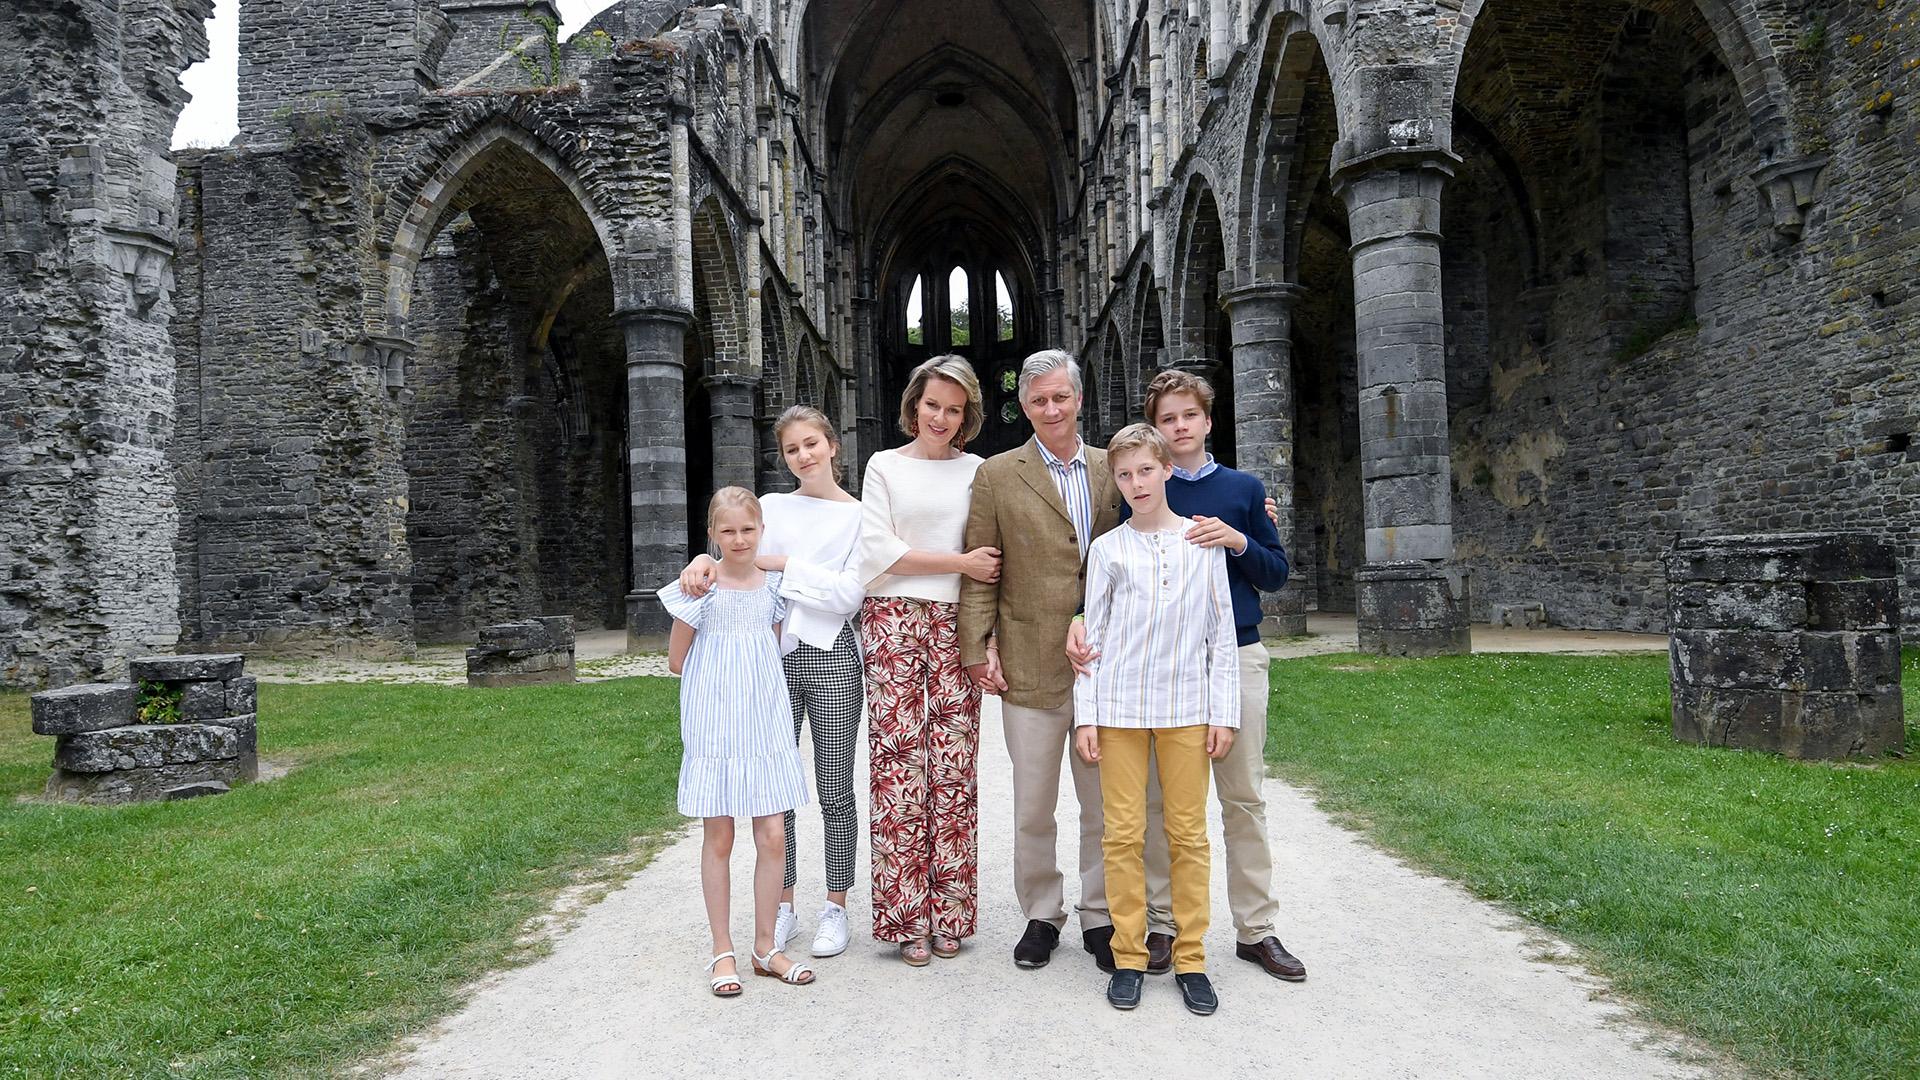 Los reyes posan junto a sus cuatro hijos: Eleonore, Elisabeth, Emmanuel y Gabriel